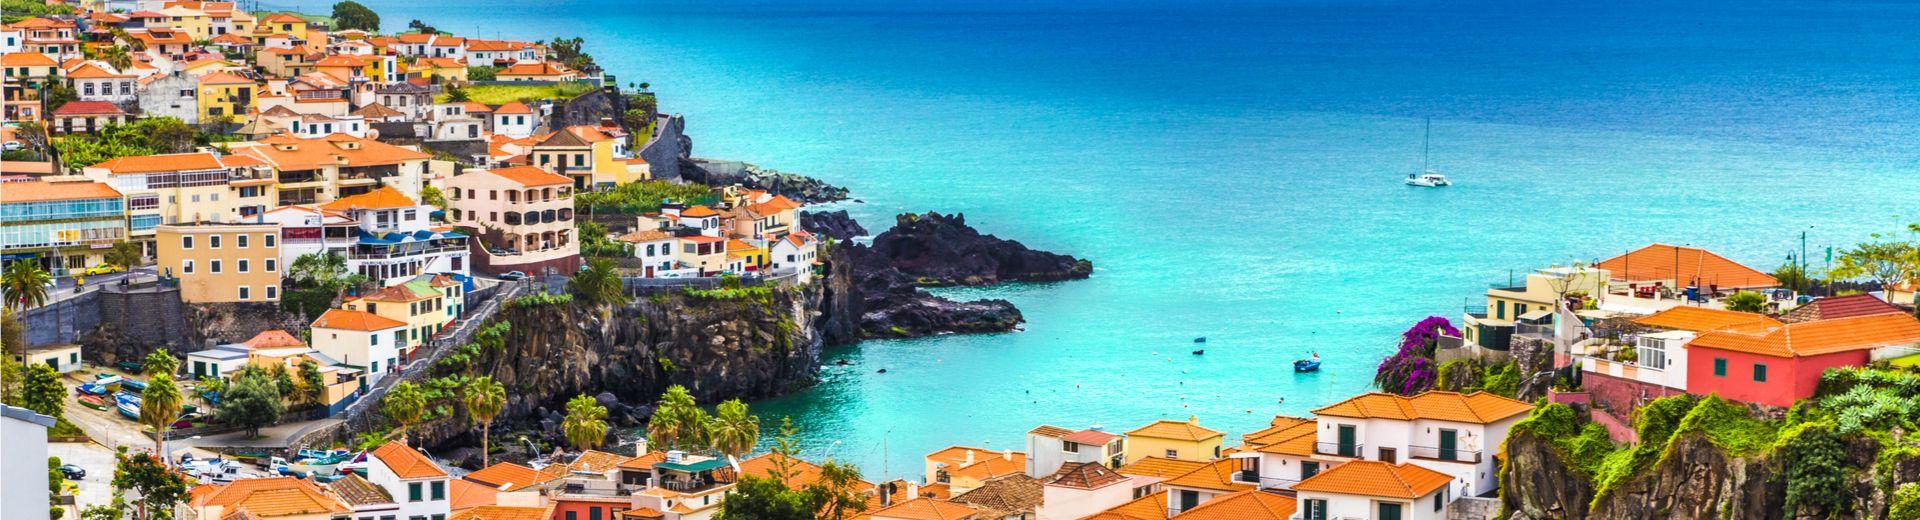 Traumhaftes 5-Sterne Boutique-Hotel auf Madeira